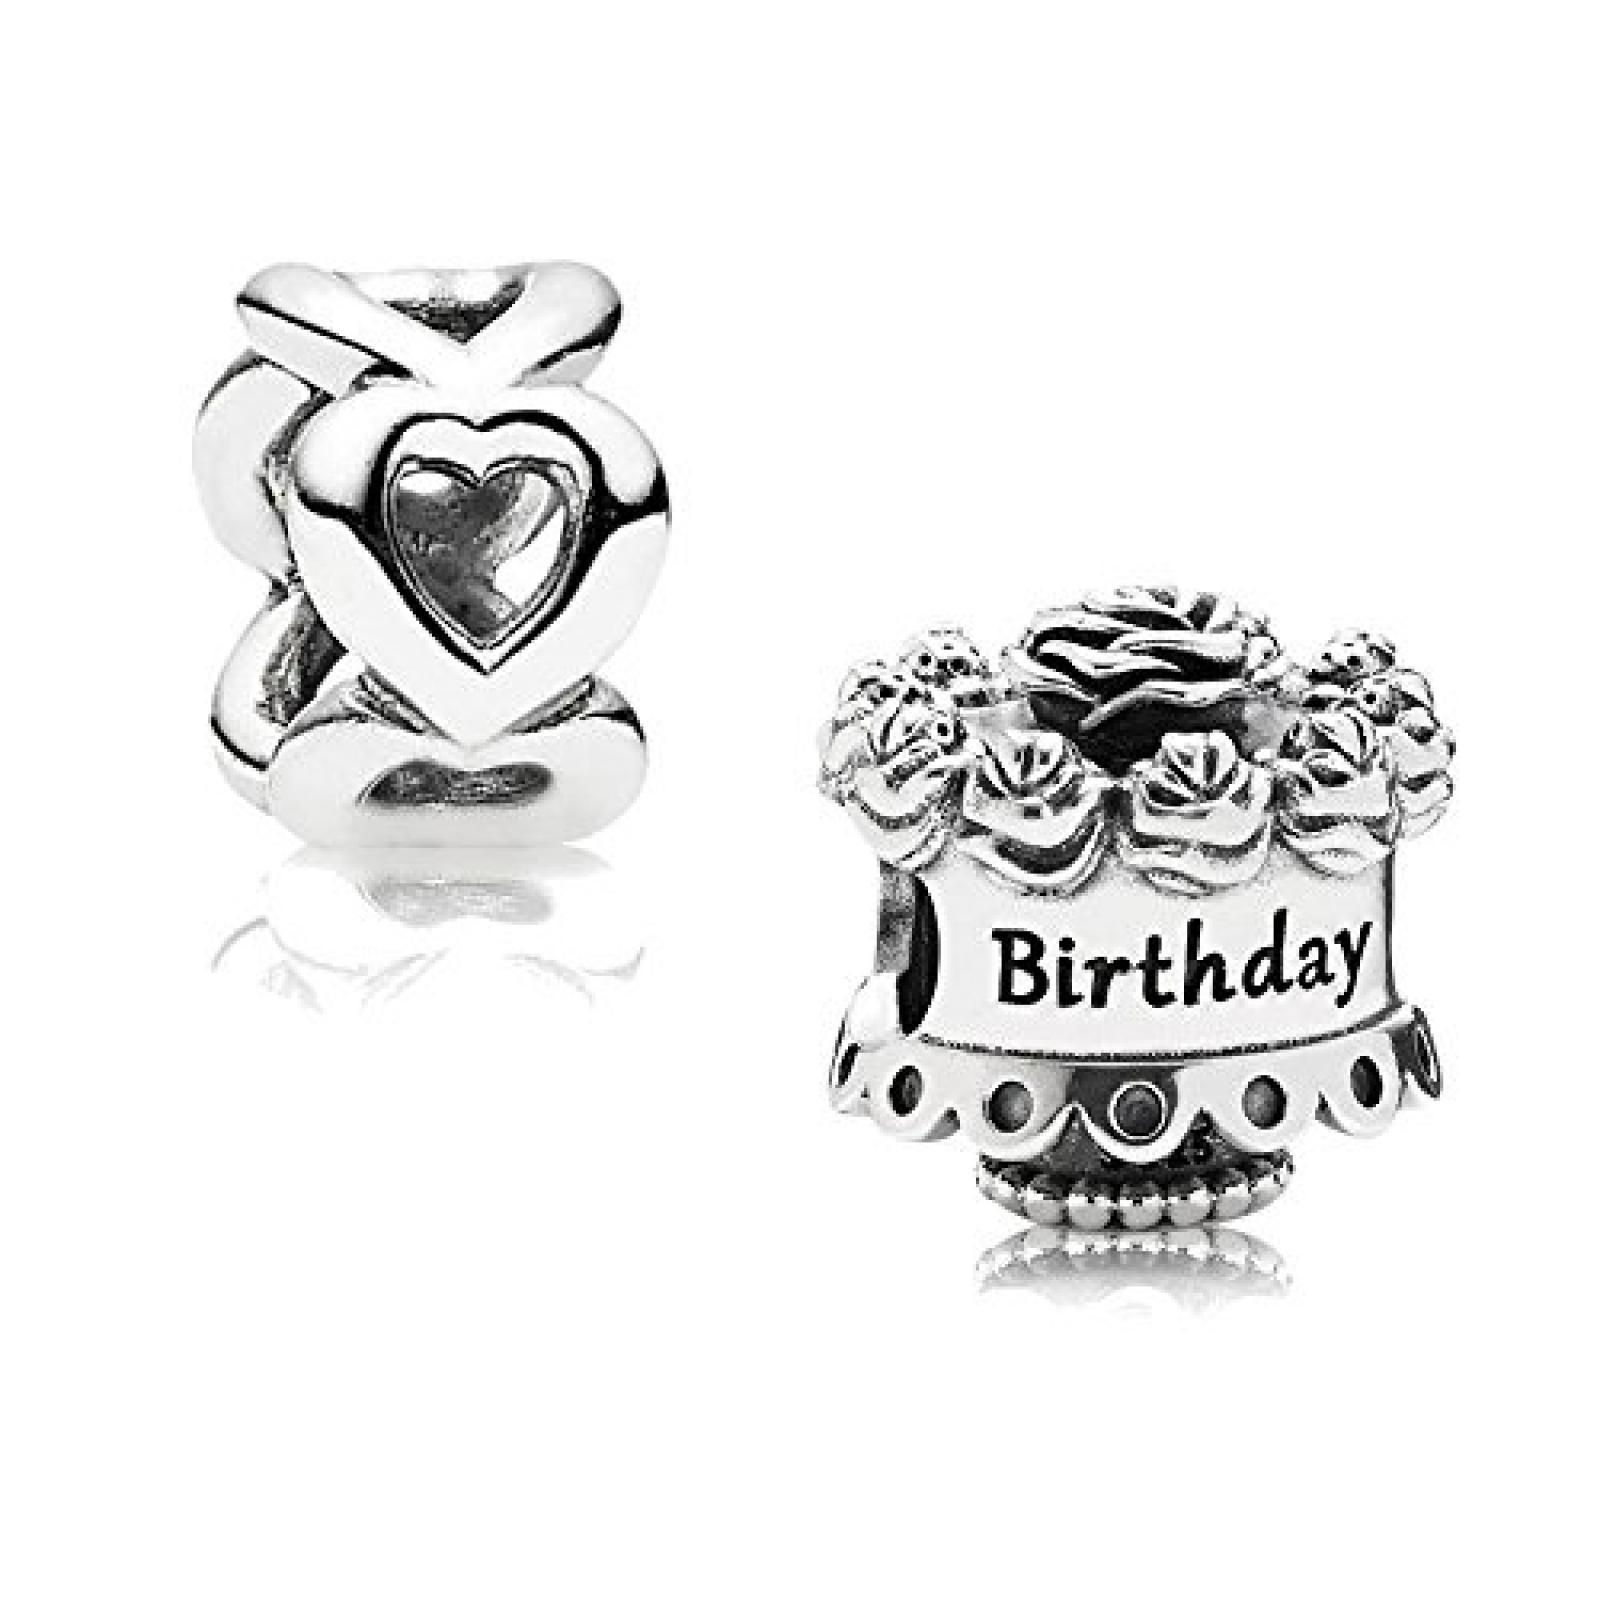 Original Pandora Geschenkset - 1 Silber Element Happy Birthday 791289 und 1 Silber Zwischenelement Offene Herzen 790454